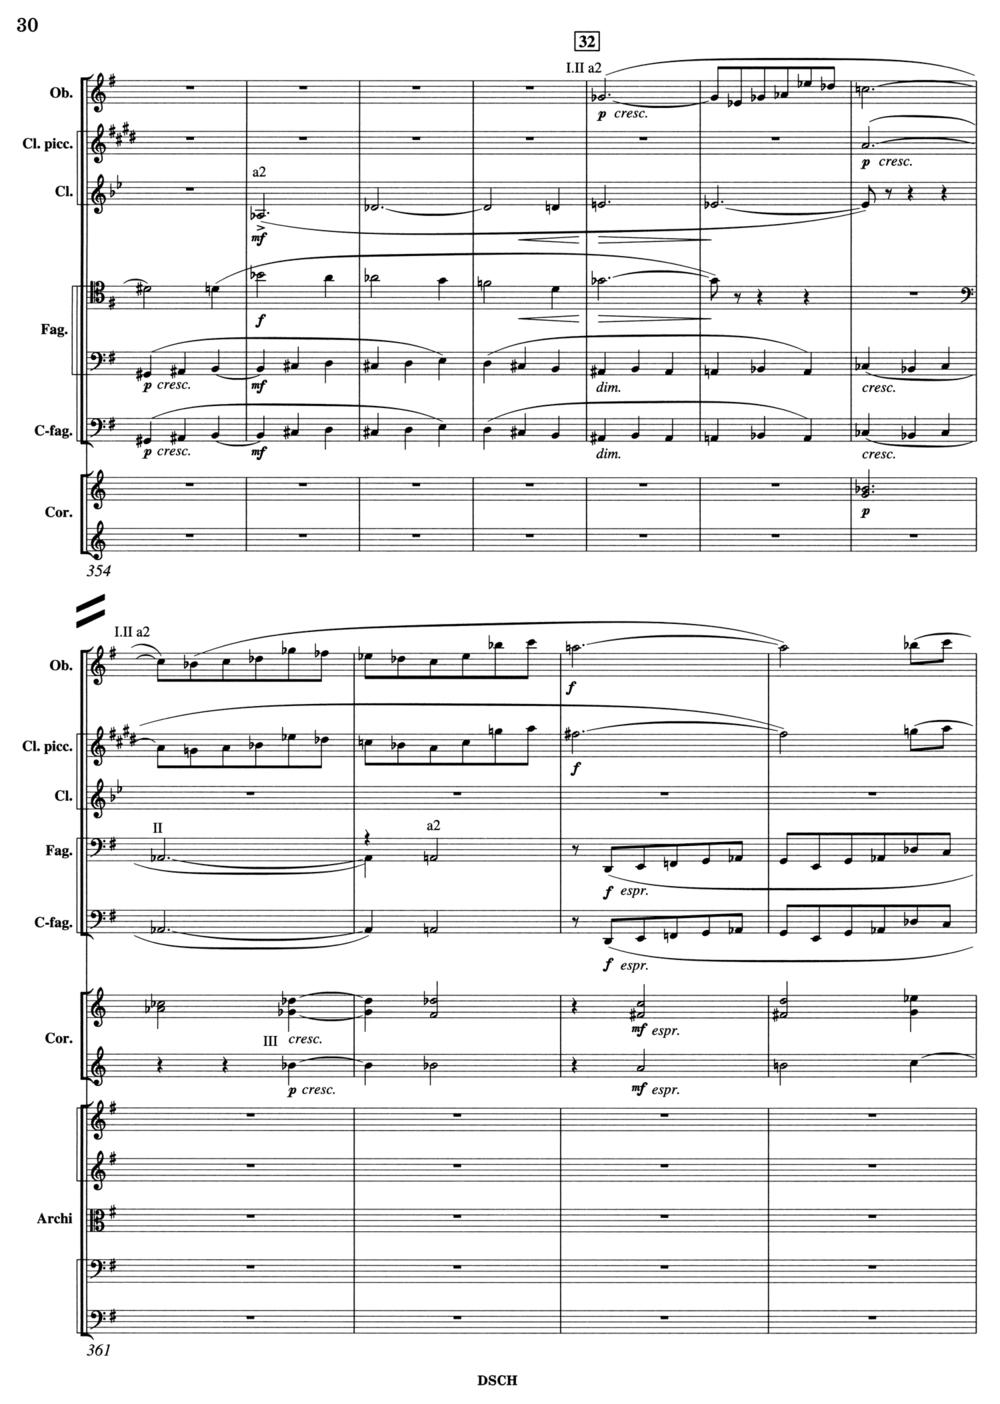 Shostakovich 10 Mvt 1 Score Page 2.jpg